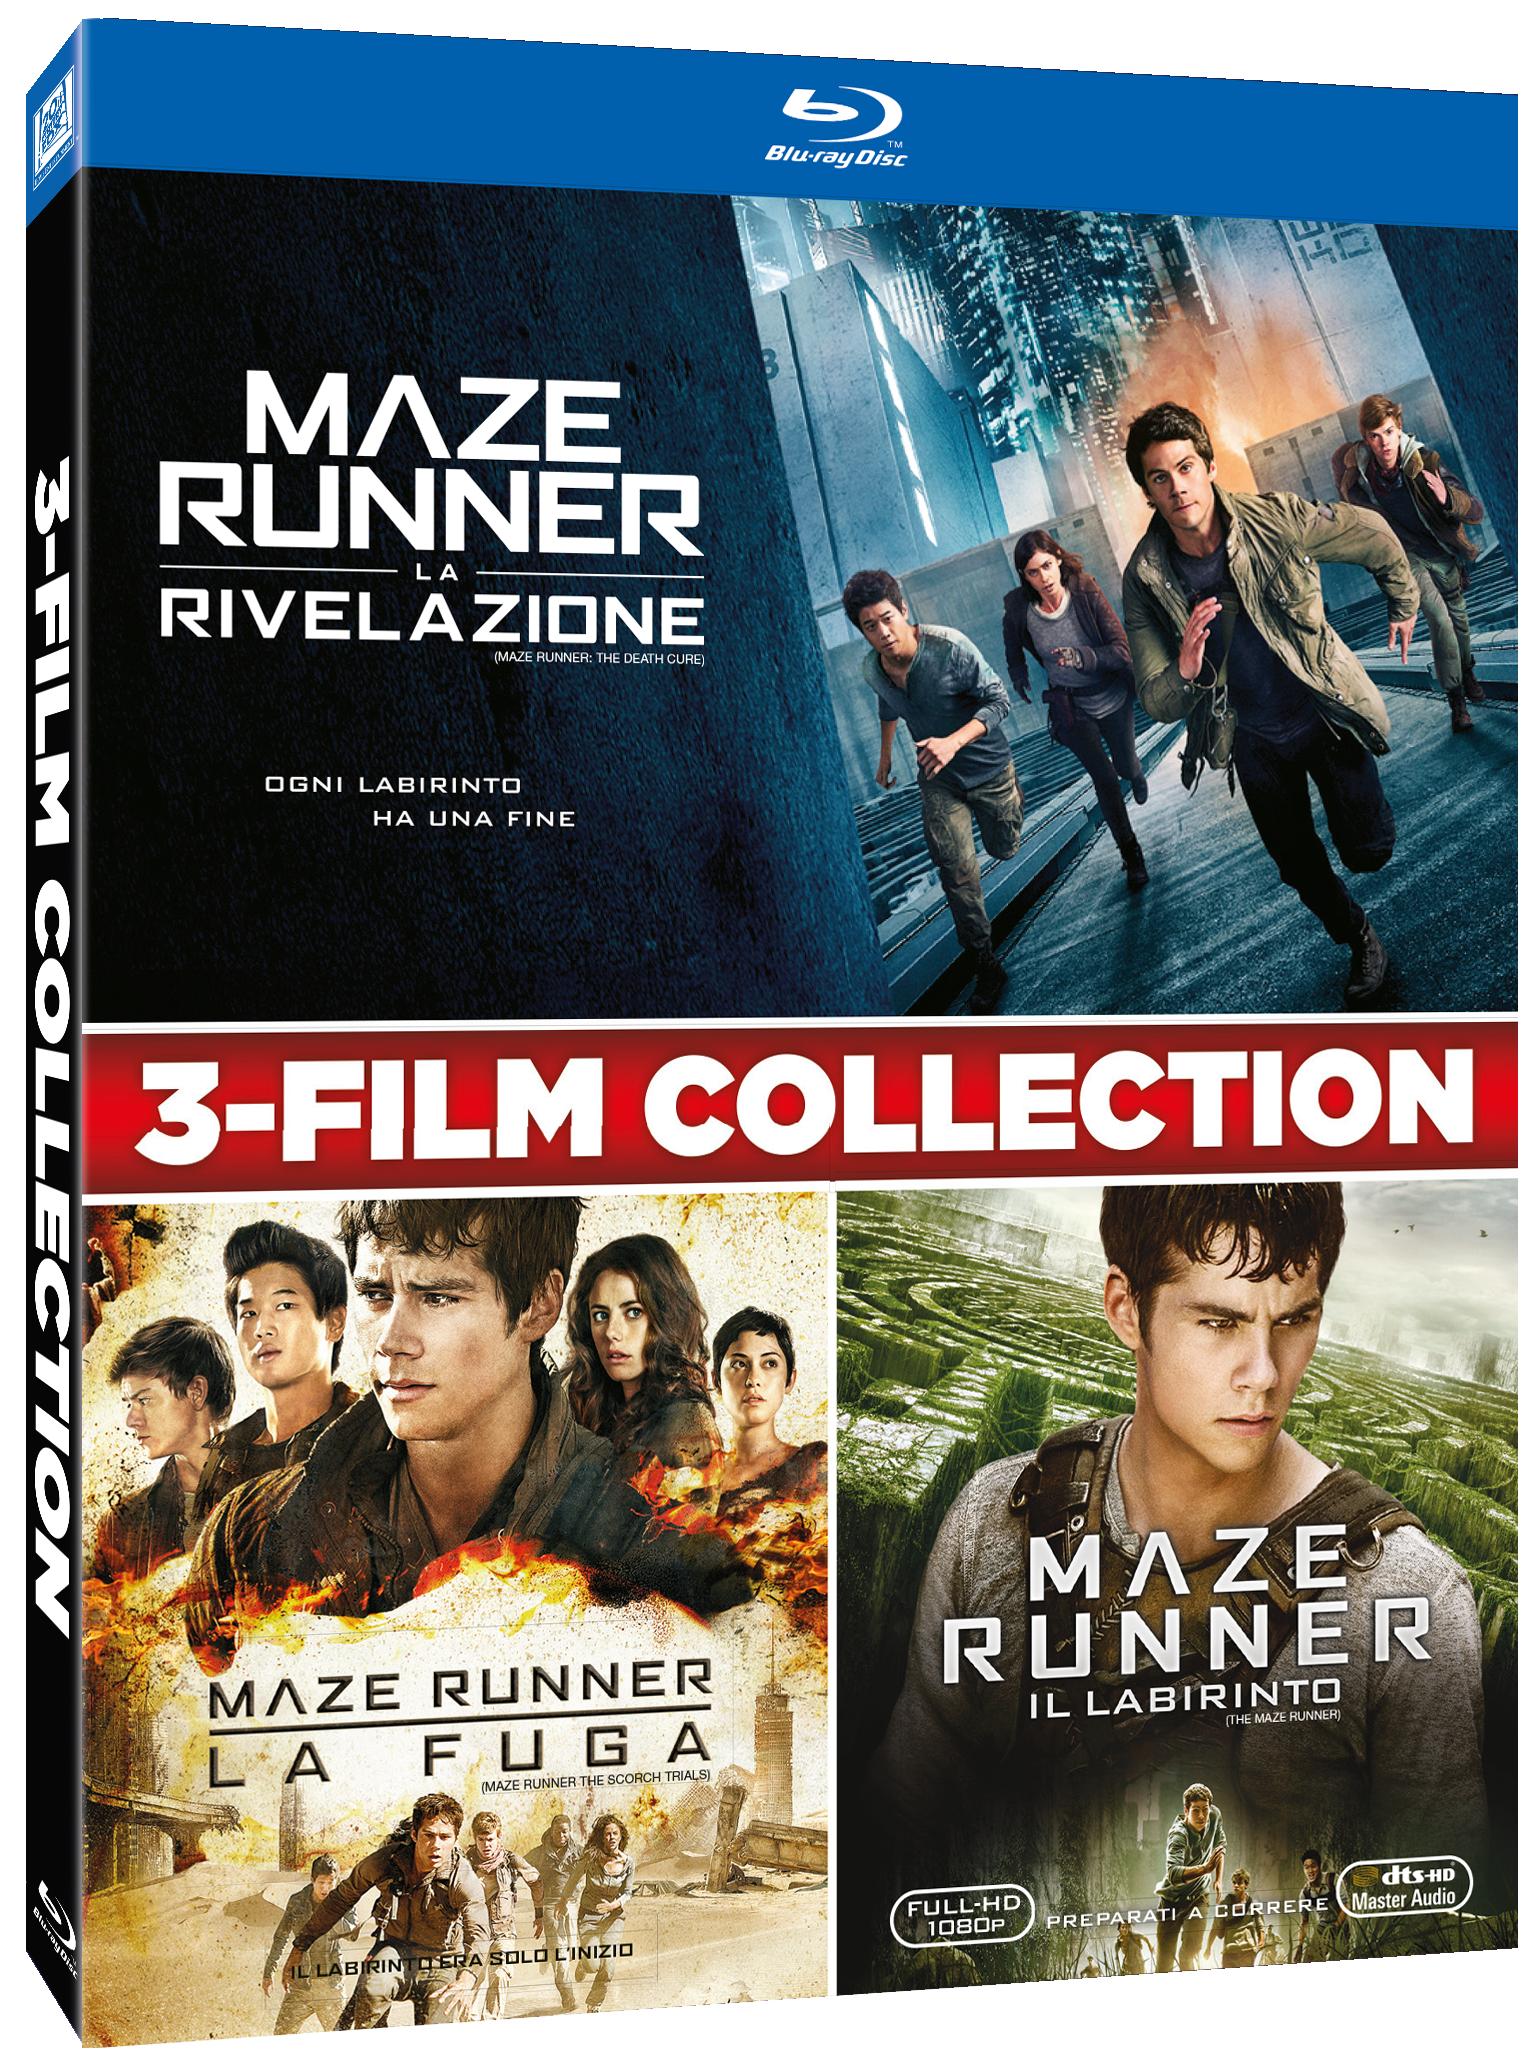 MazeRunner_Unieuro_3Film_Pack_BD